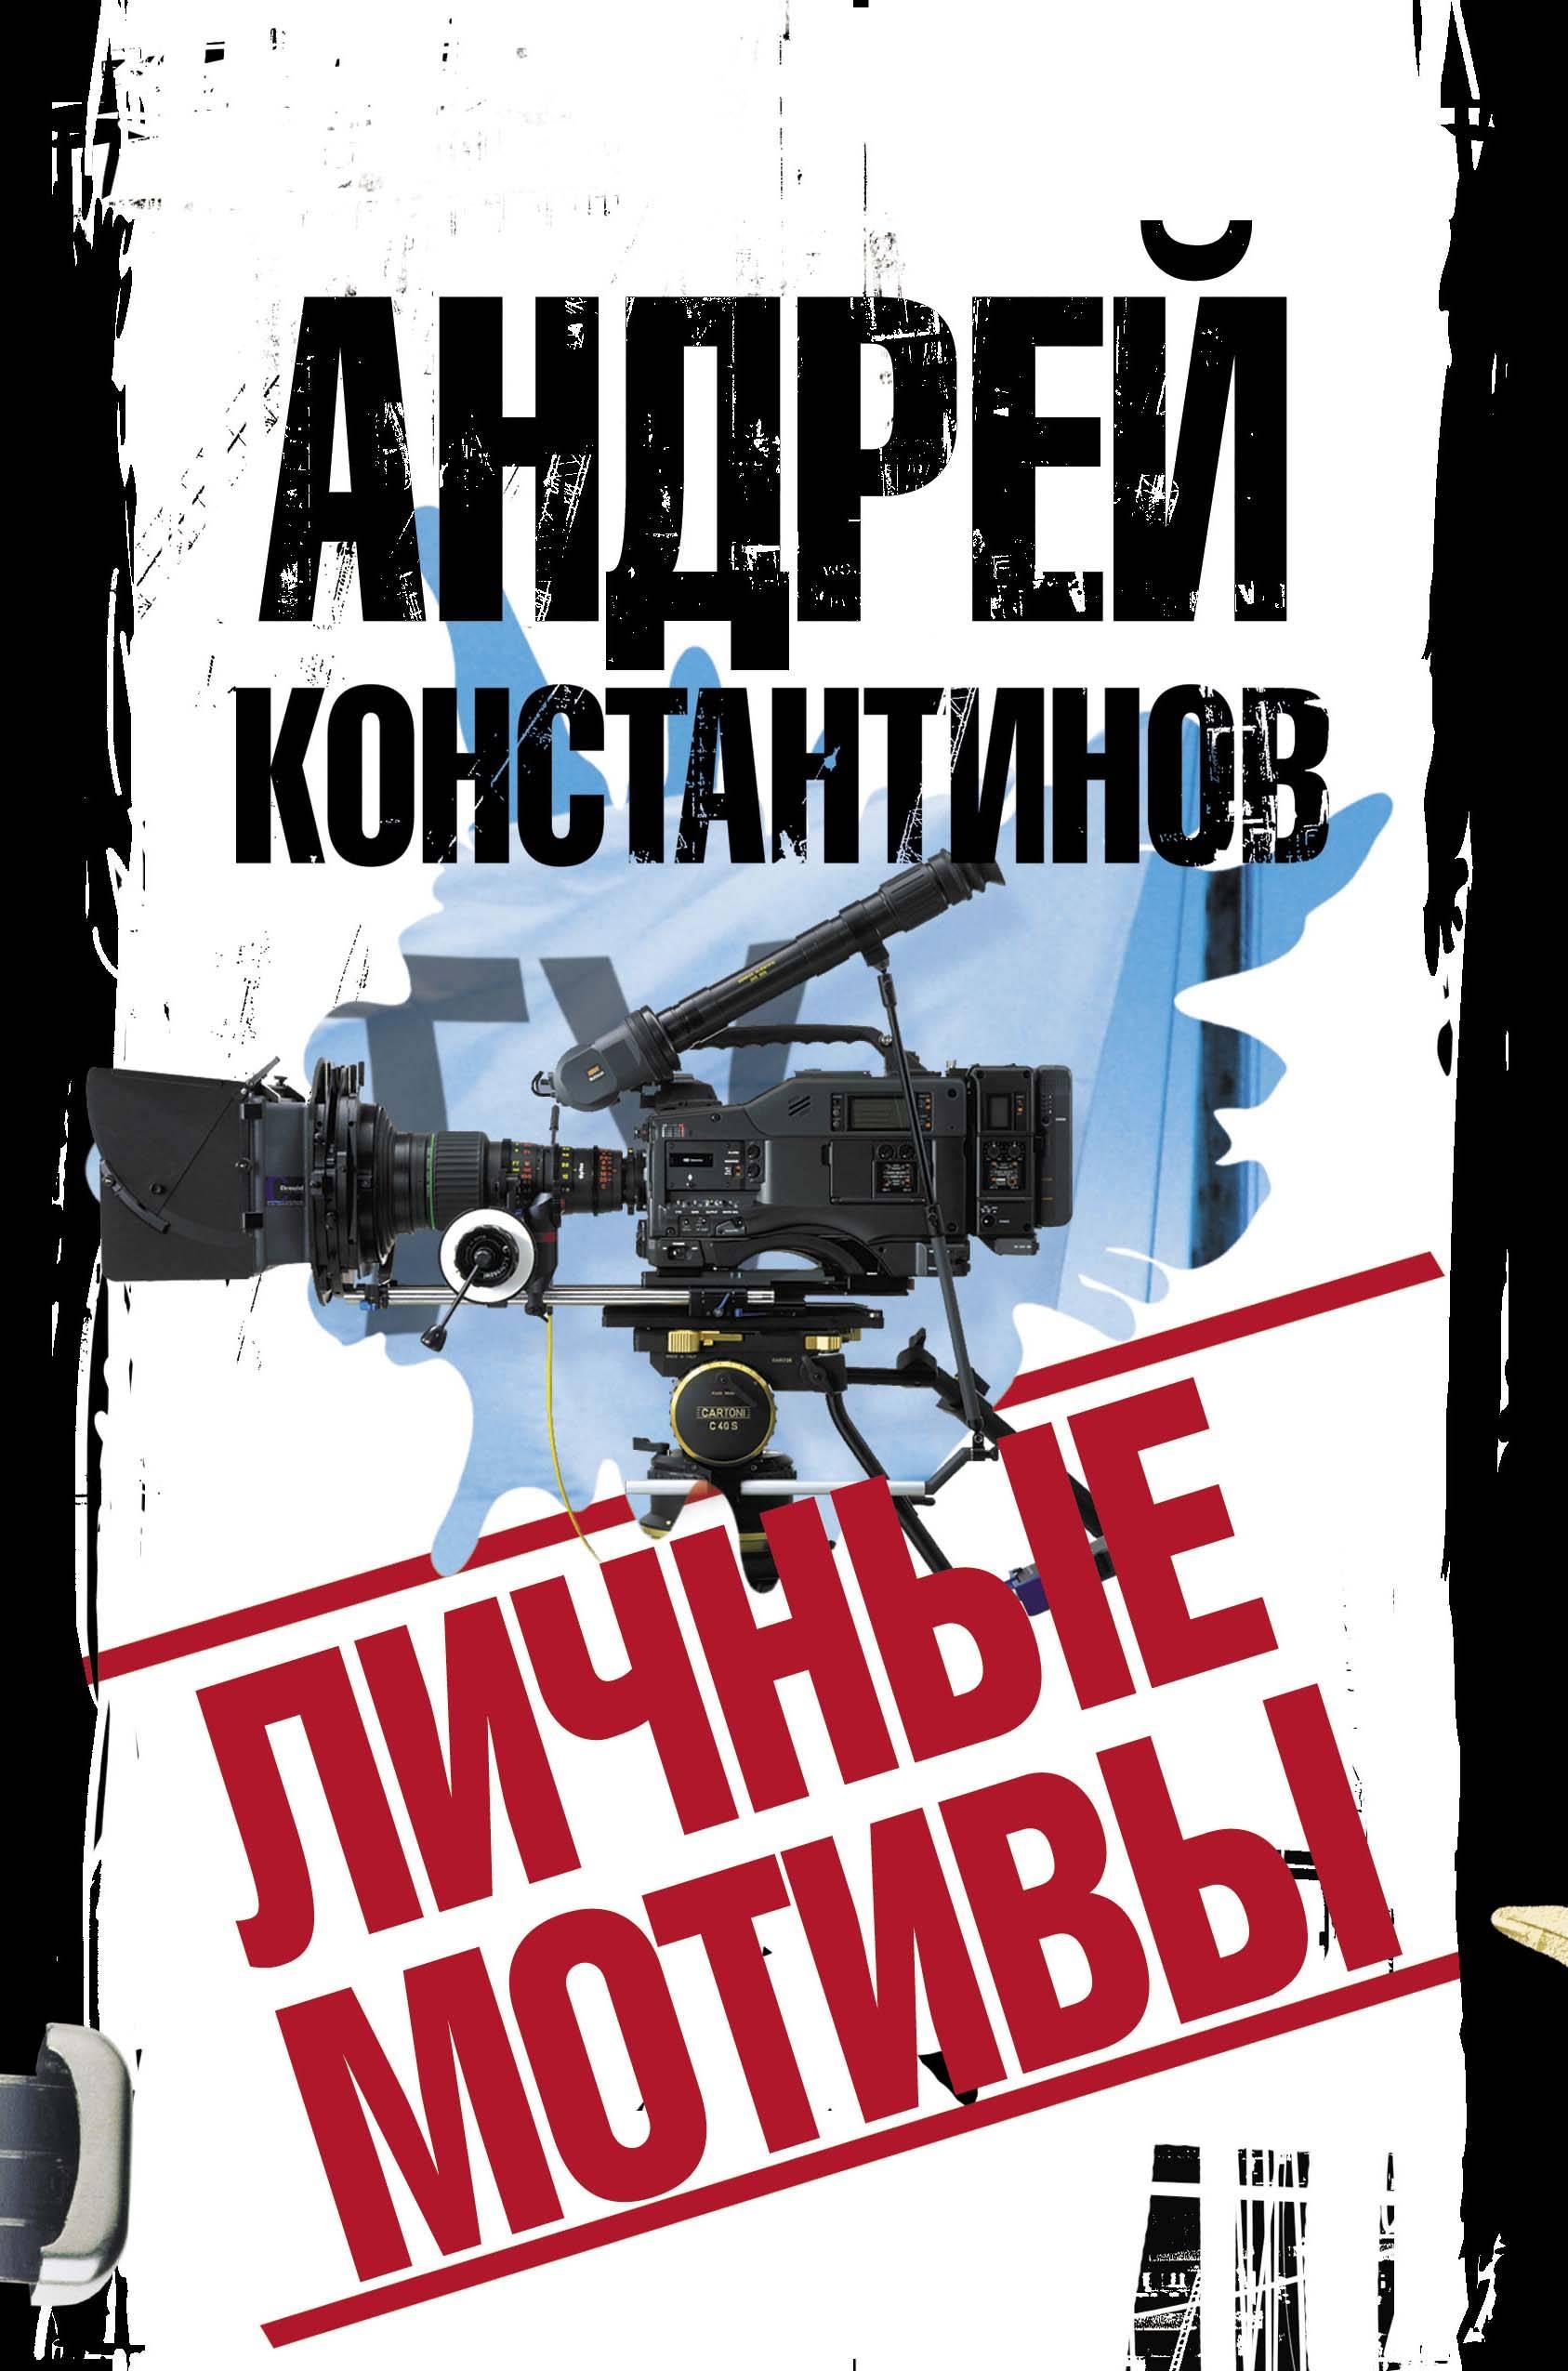 Личные мотивы (комплект из 4 книг). Андрей Константинов